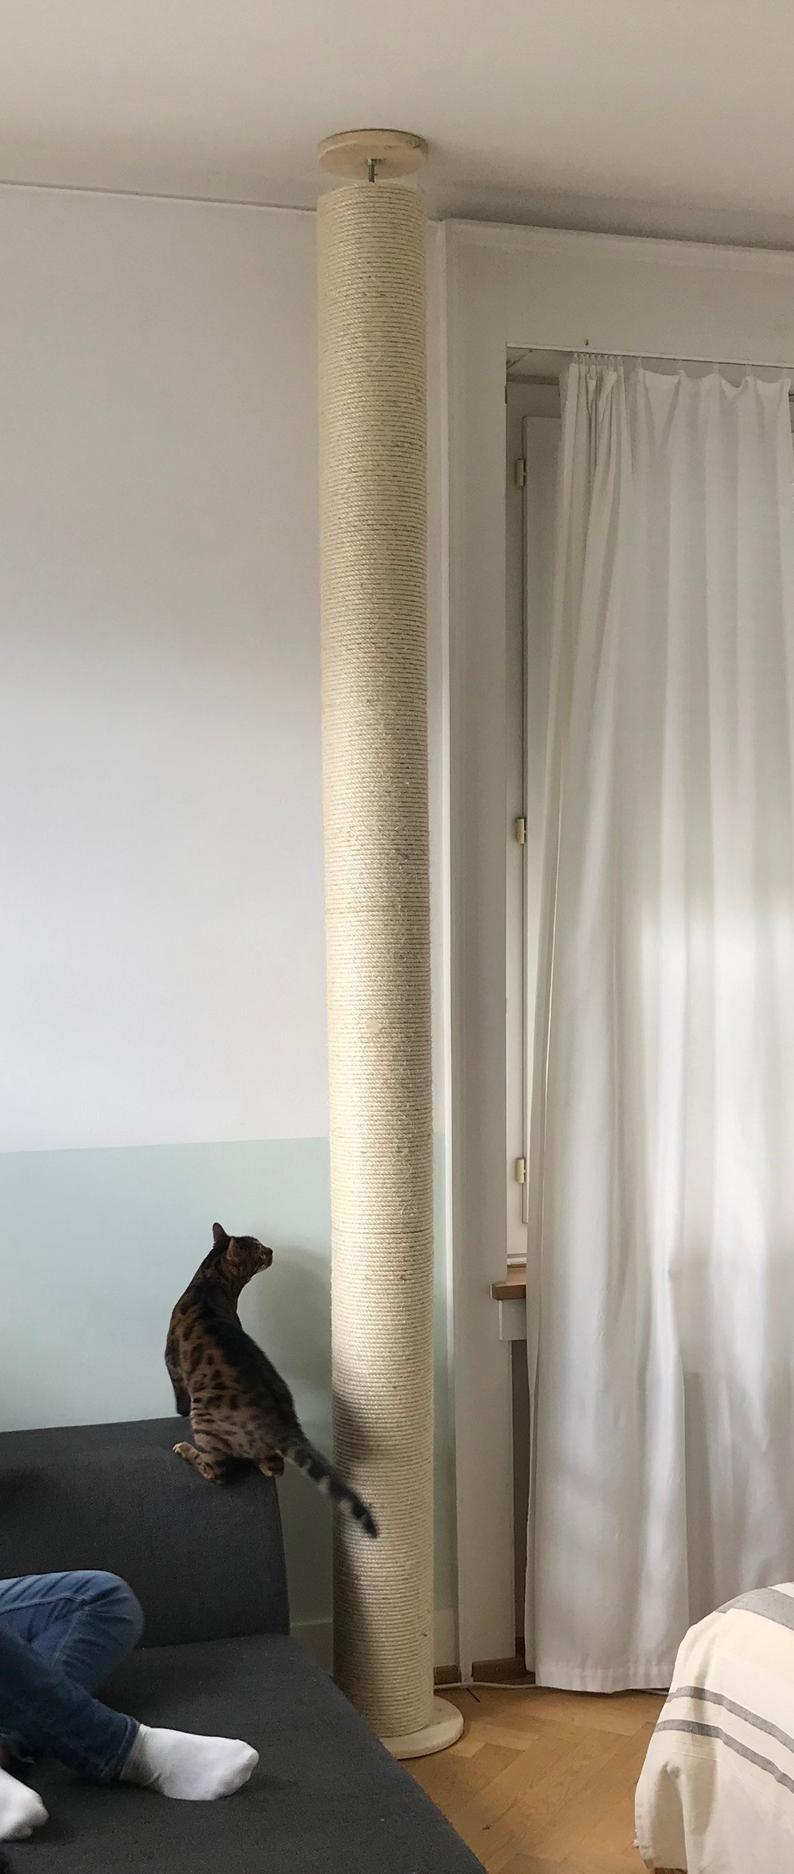 Deckenhoher Kratzbaum O 19 Cm Deckenspanner Kratzsaule Scratching Post Ceiling Sisal Rope